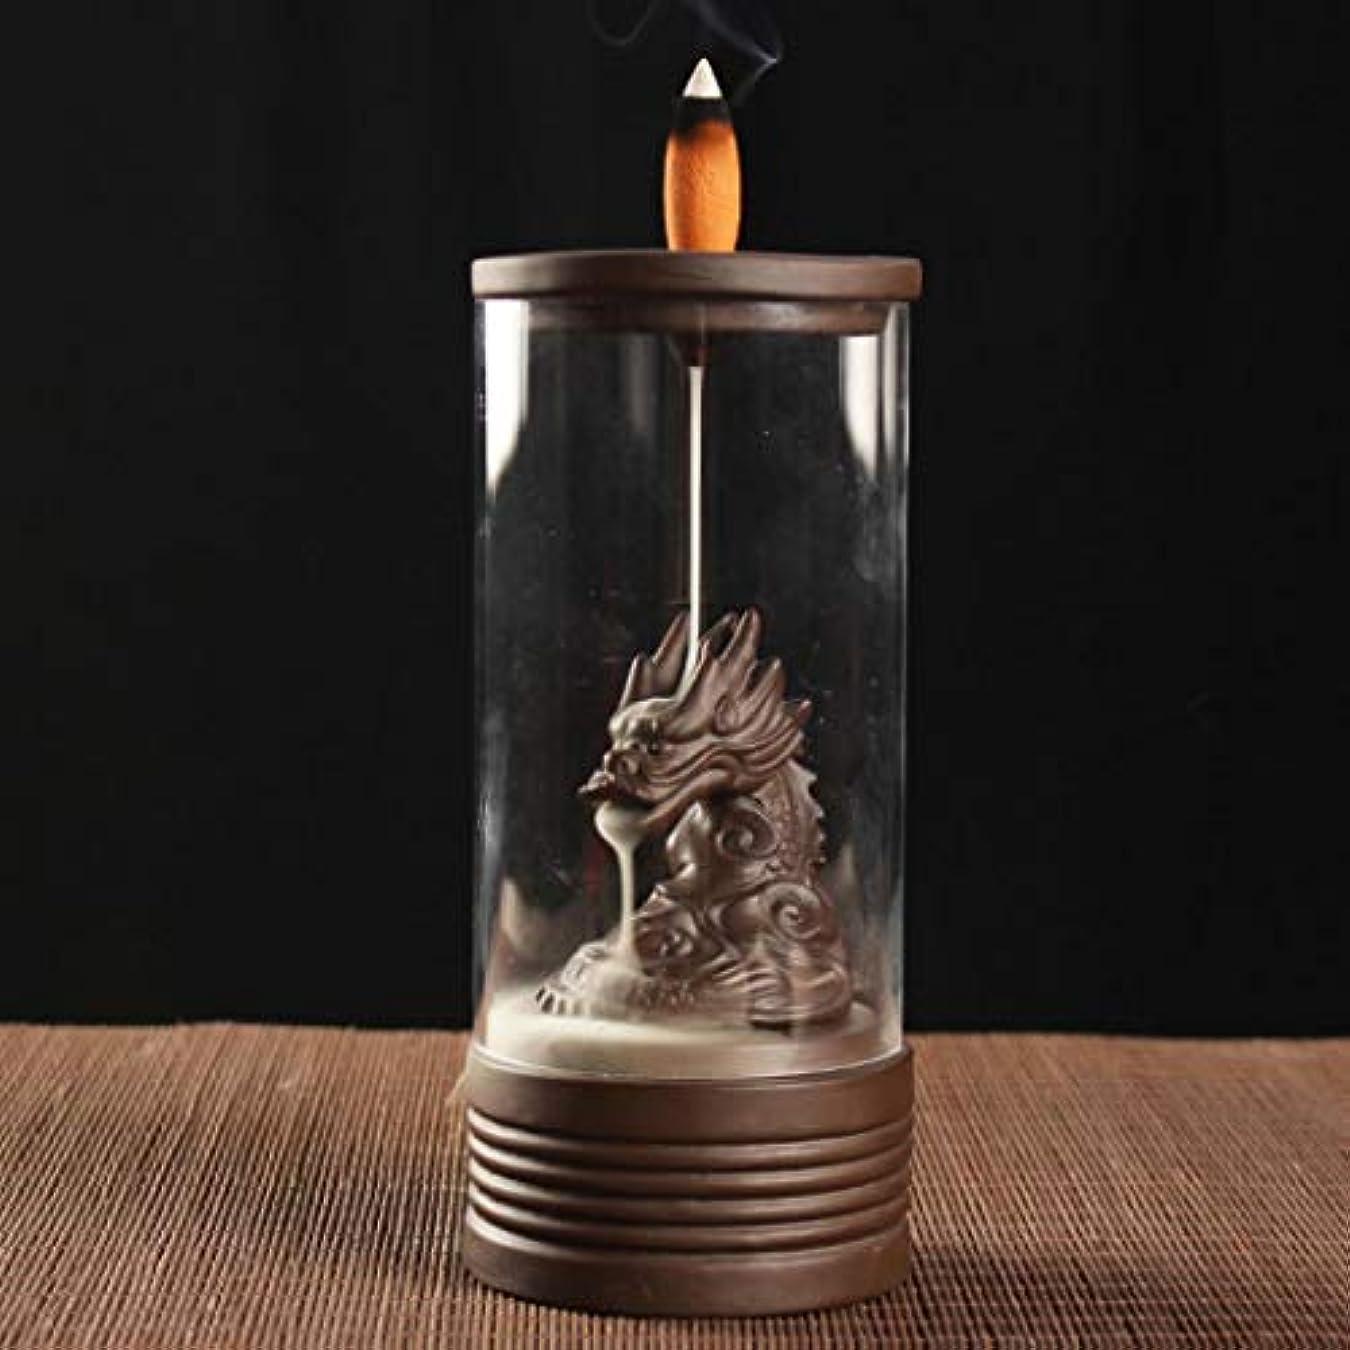 機構手術プラスチックAlenx ドラゴン 逆流香立て 家庭用香炉 逆流香10個付き 陶器香炉 香炉 ブラウン USZVTBO644722